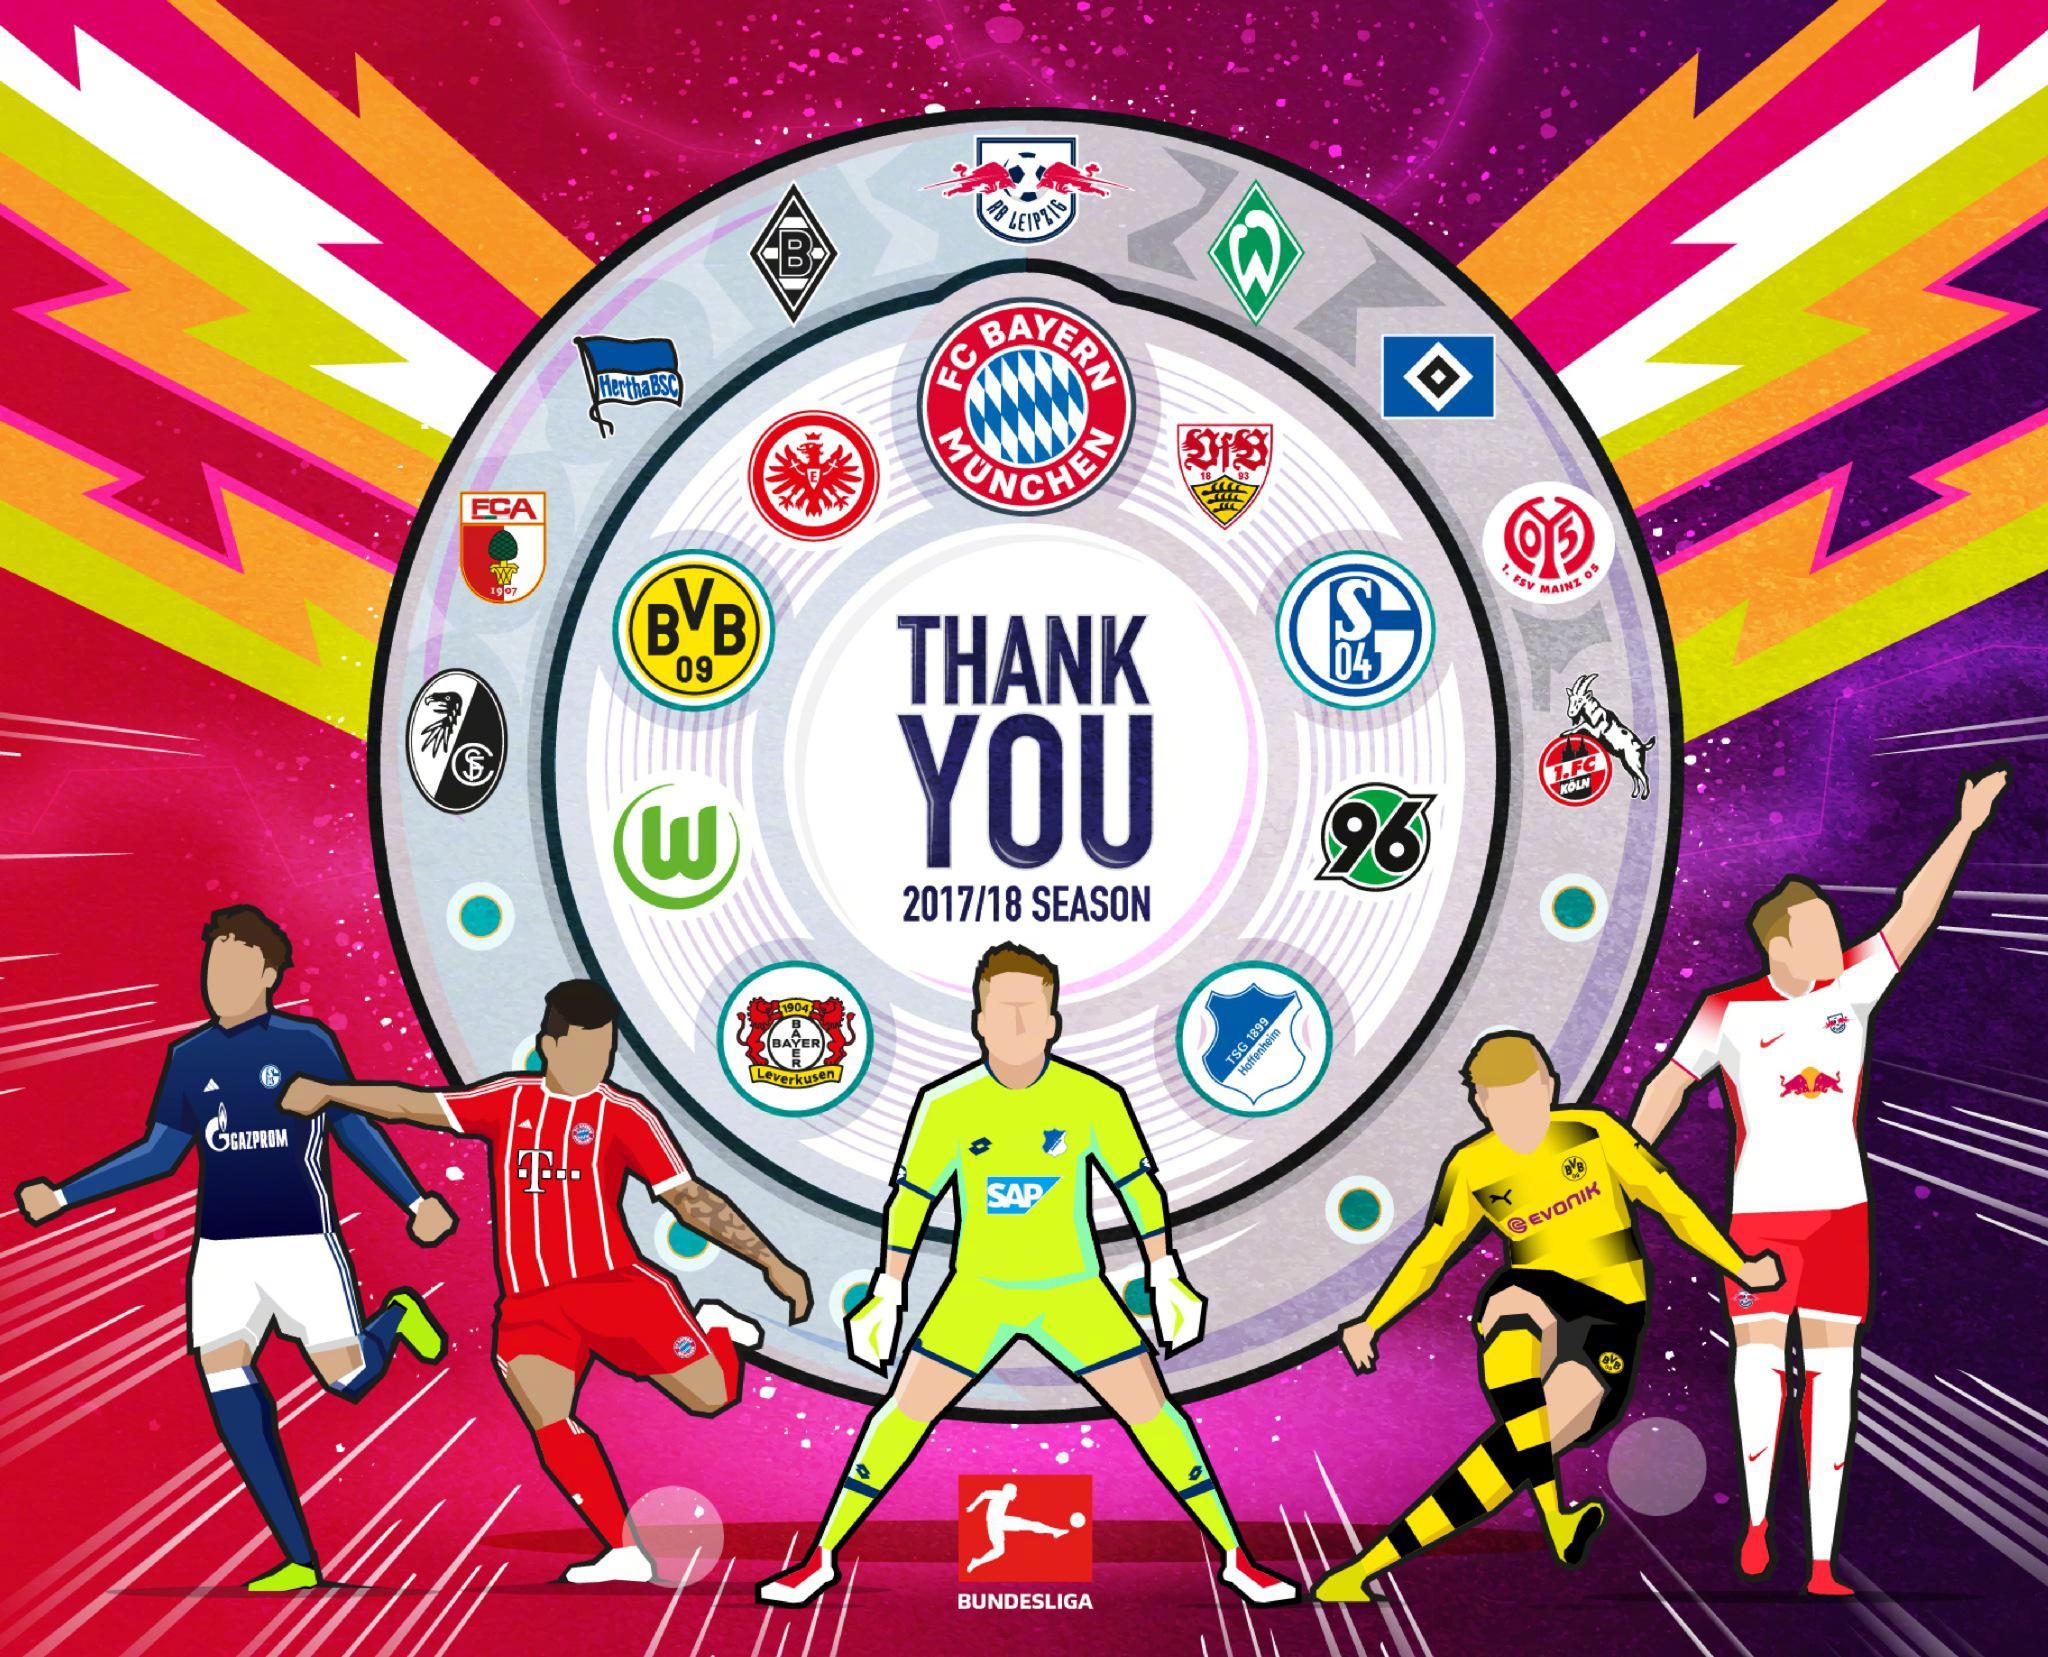 拜仁夺德甲,沙尔克多特霍村进欧冠,科隆汉堡降级